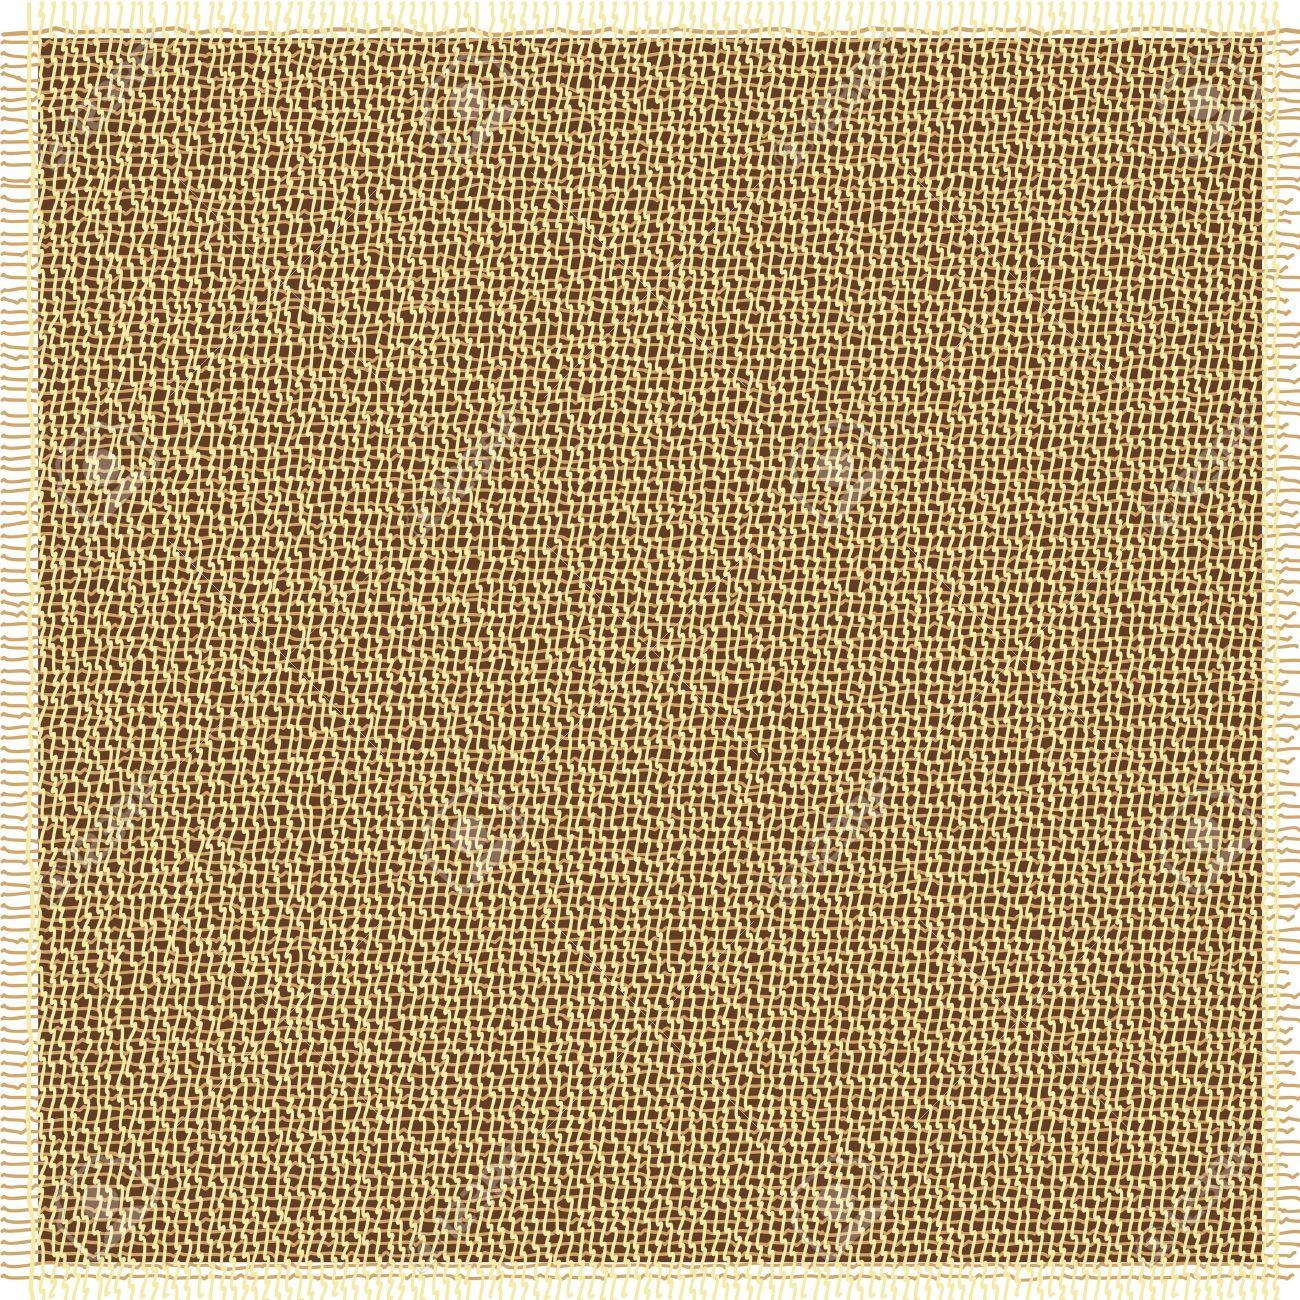 Gold Frames Clip Art